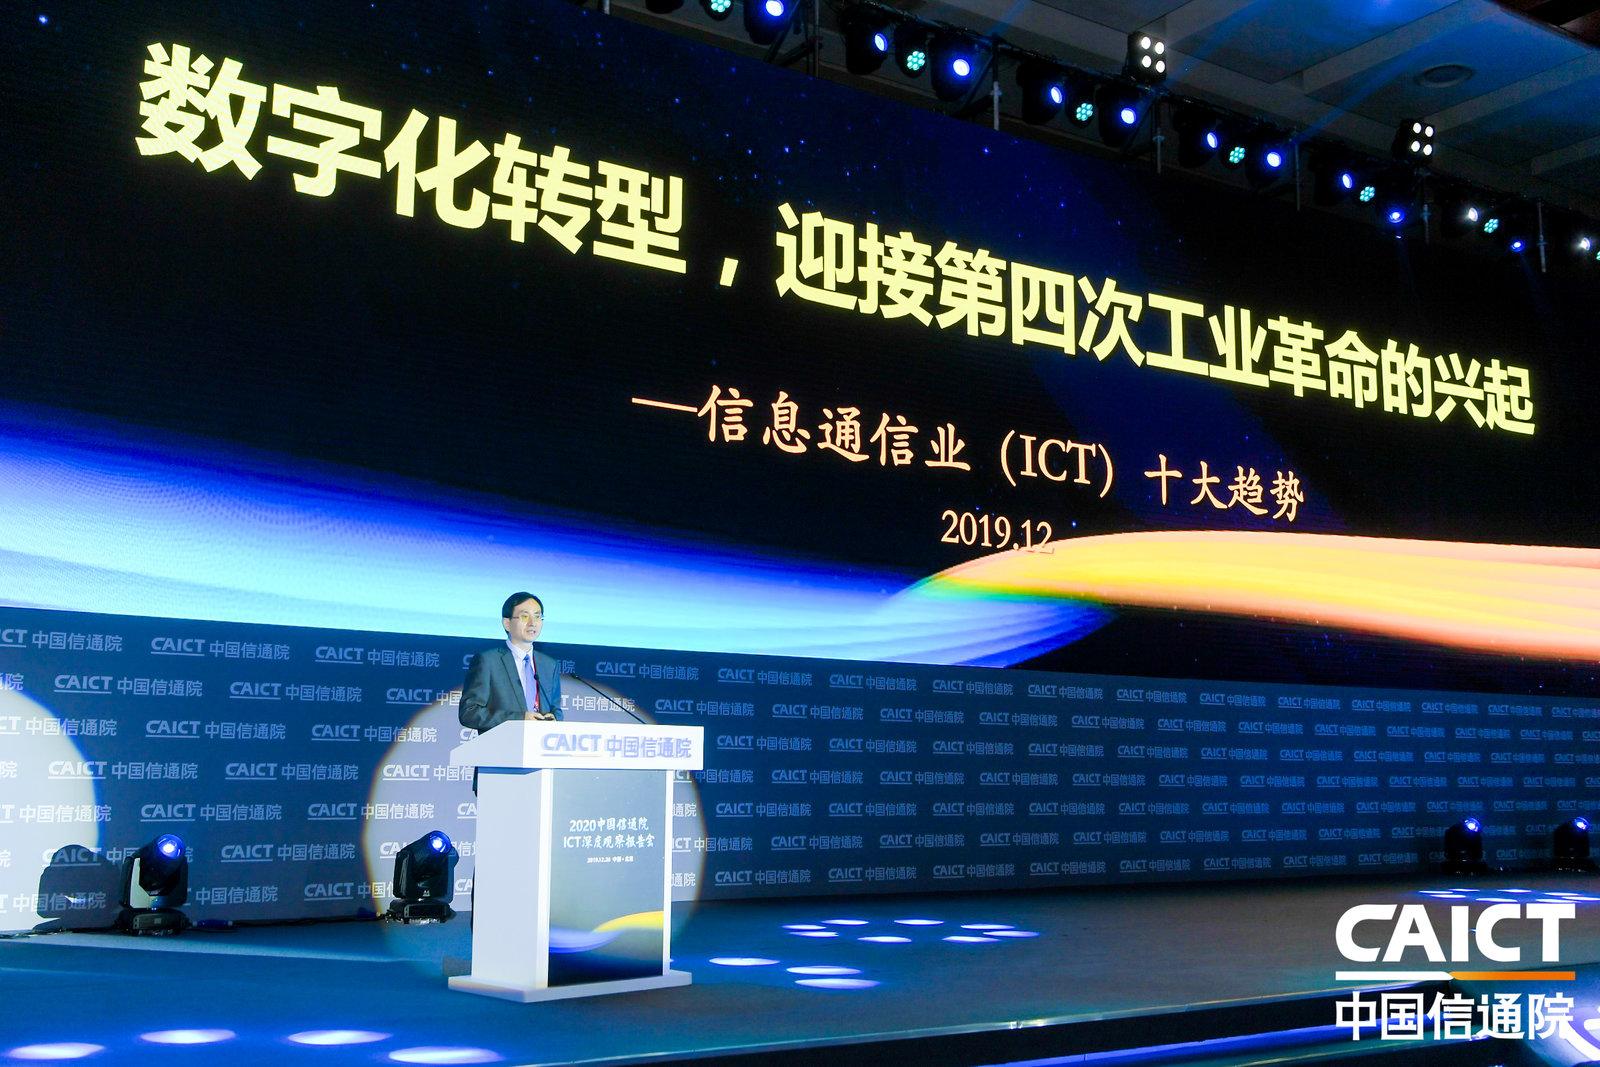 信通院发布深度观察十大趋势:2020年ICT产业将开启新增长